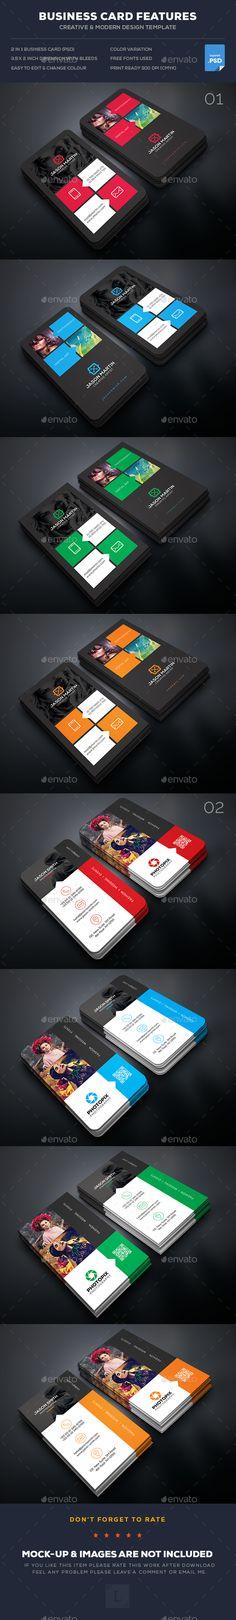 Photography Business Card Templates PSD Bundle